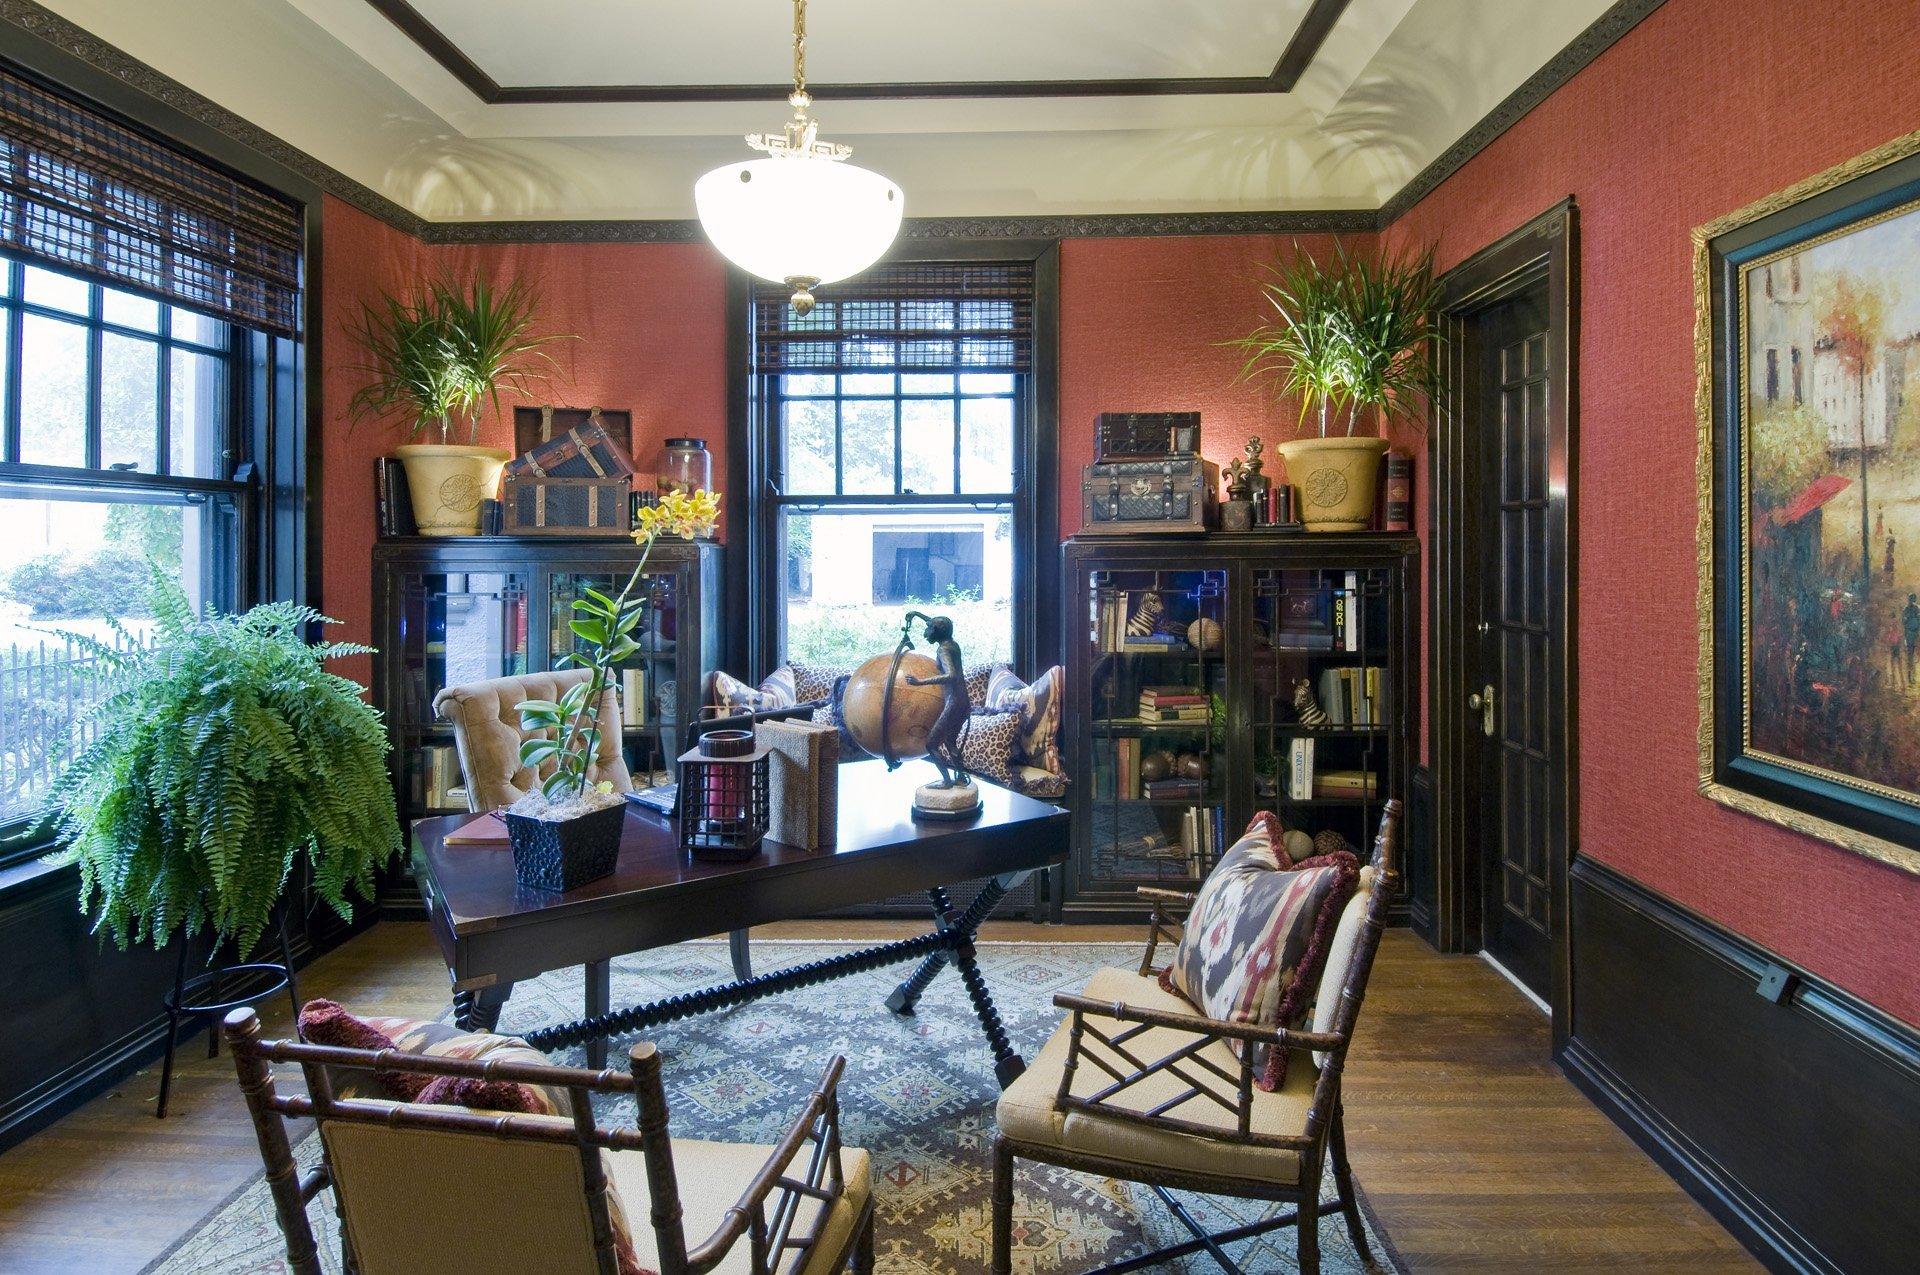 June Roesslein Interiors Custom Interior Design Frontenac